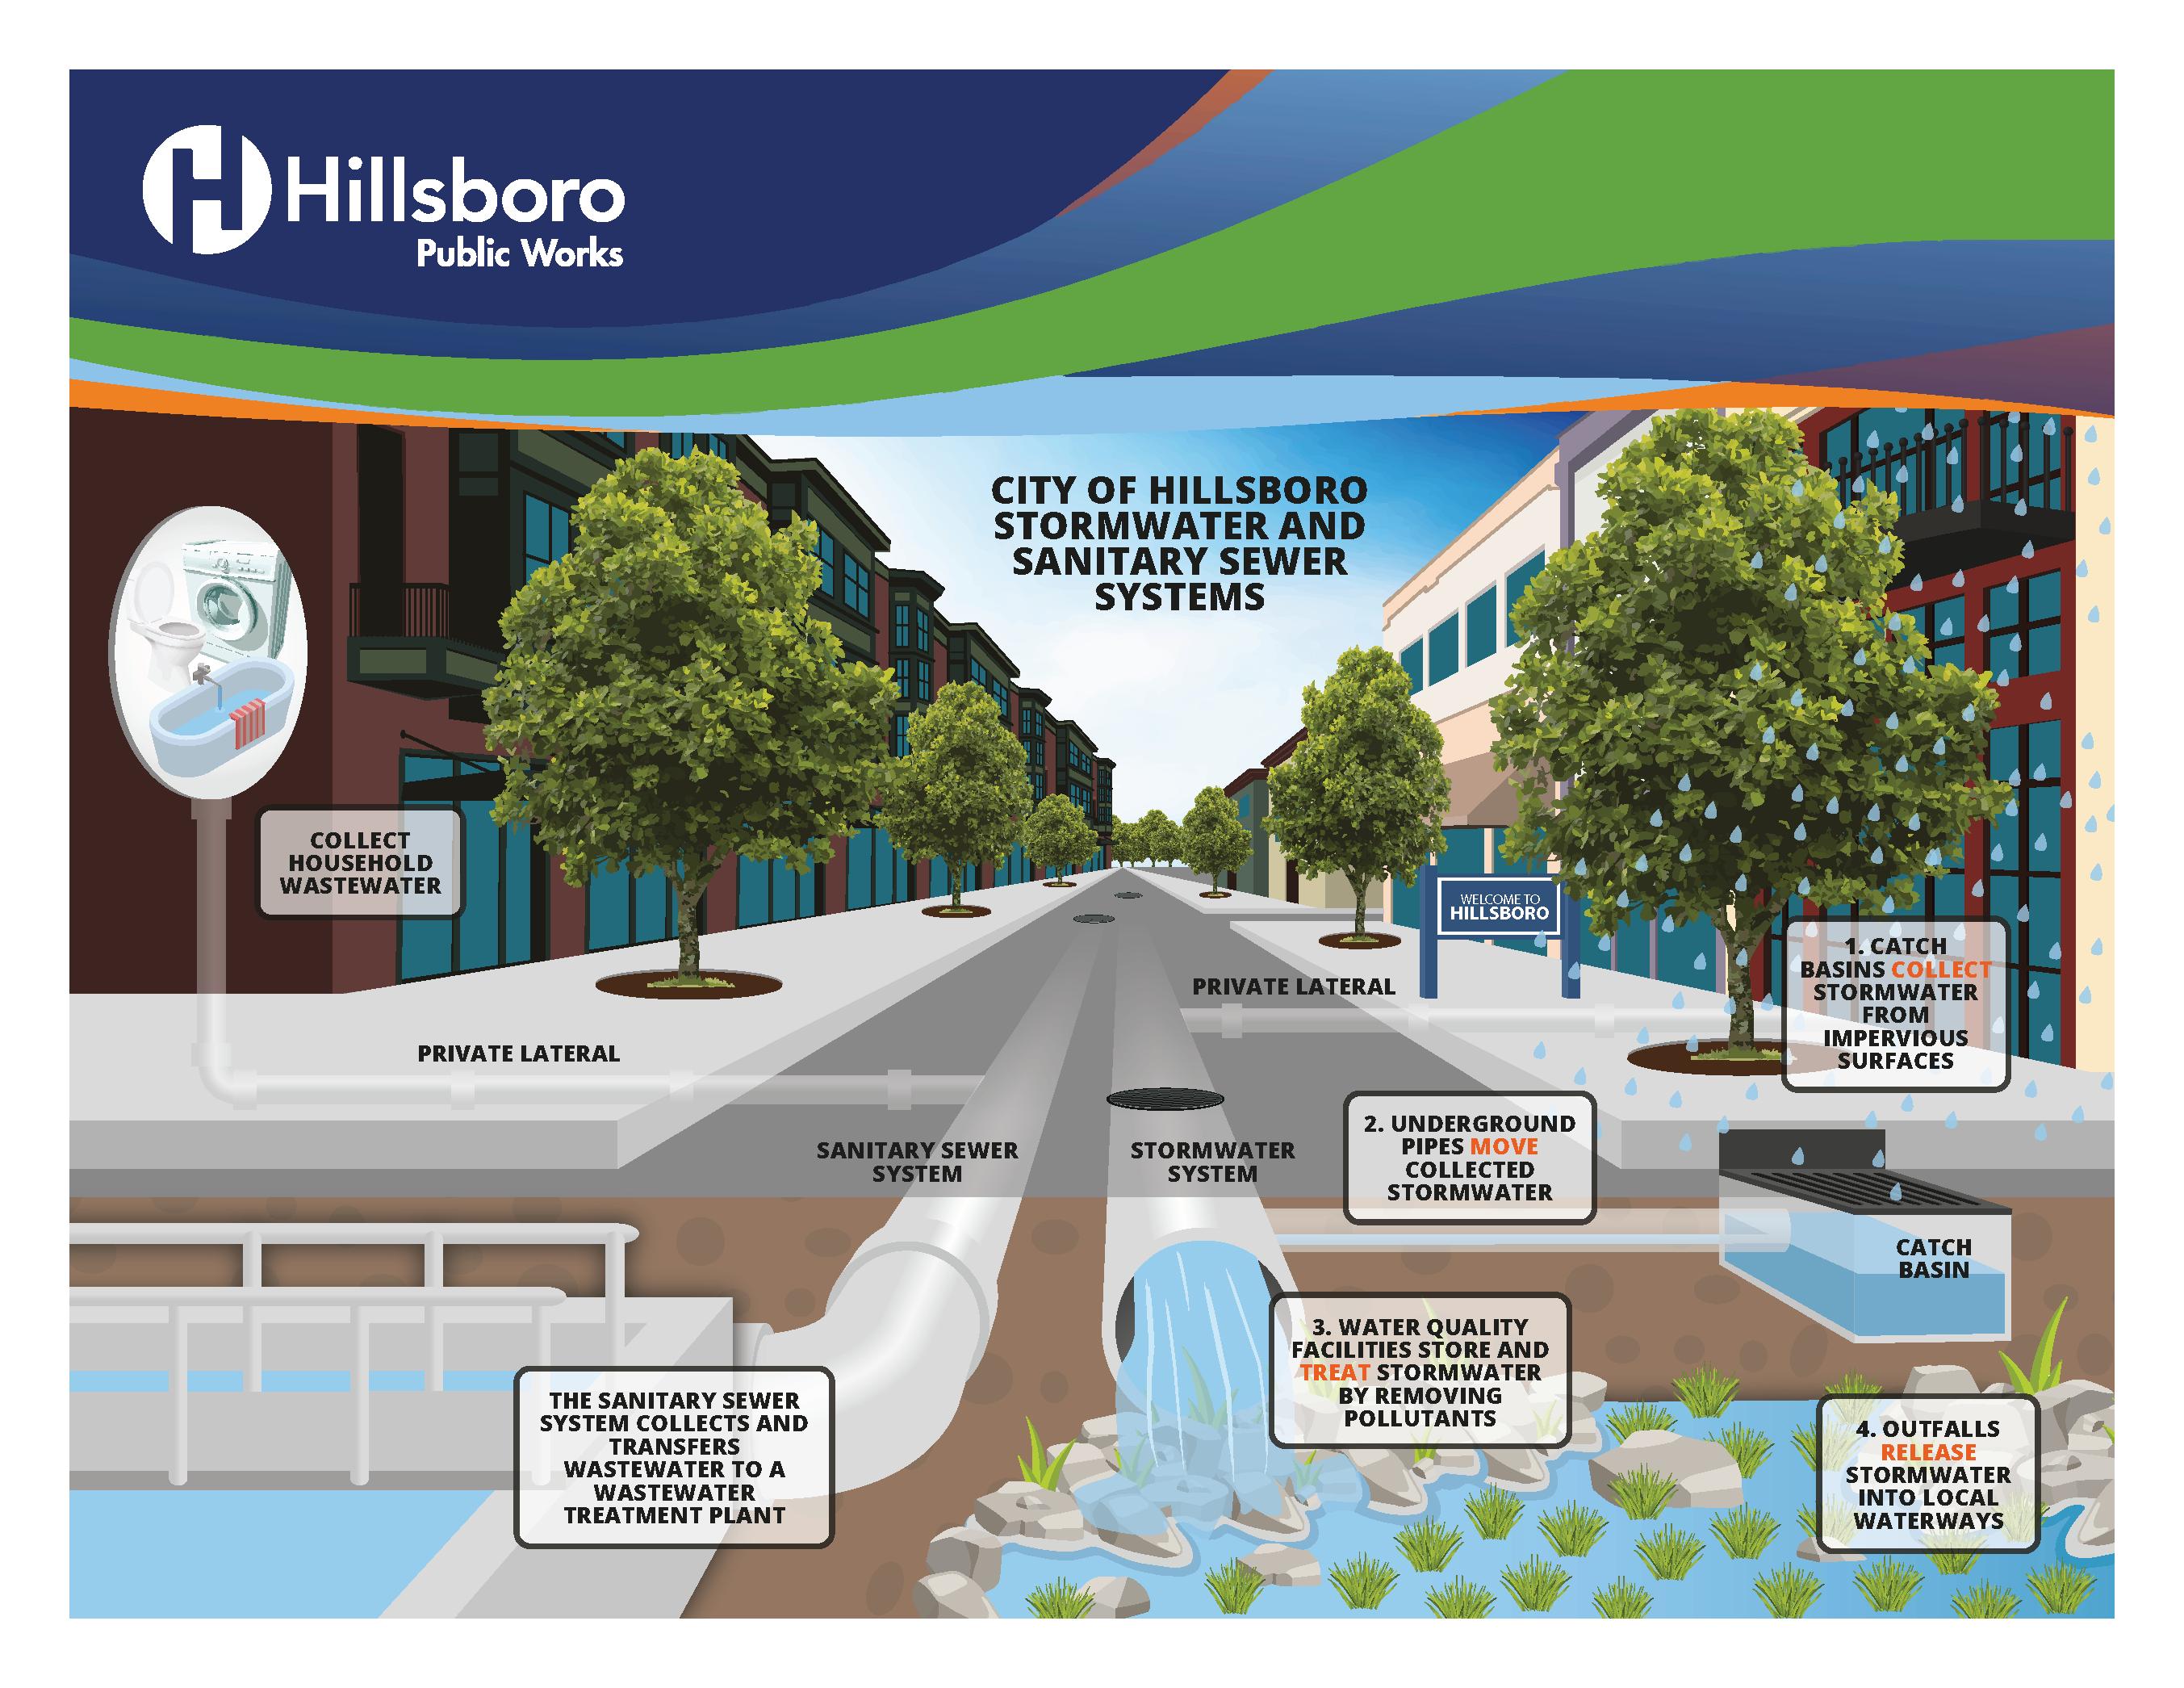 """<a href=""""https://www.hillsboro-oregon.gov/our-city/departments/public-works"""" rel=""""nofollow"""" target=""""_blank"""">Visite Hillsboro-Oregon.gov/PublicWorks</a> para obtener más información sobre el sistema público de aguas pluviales."""